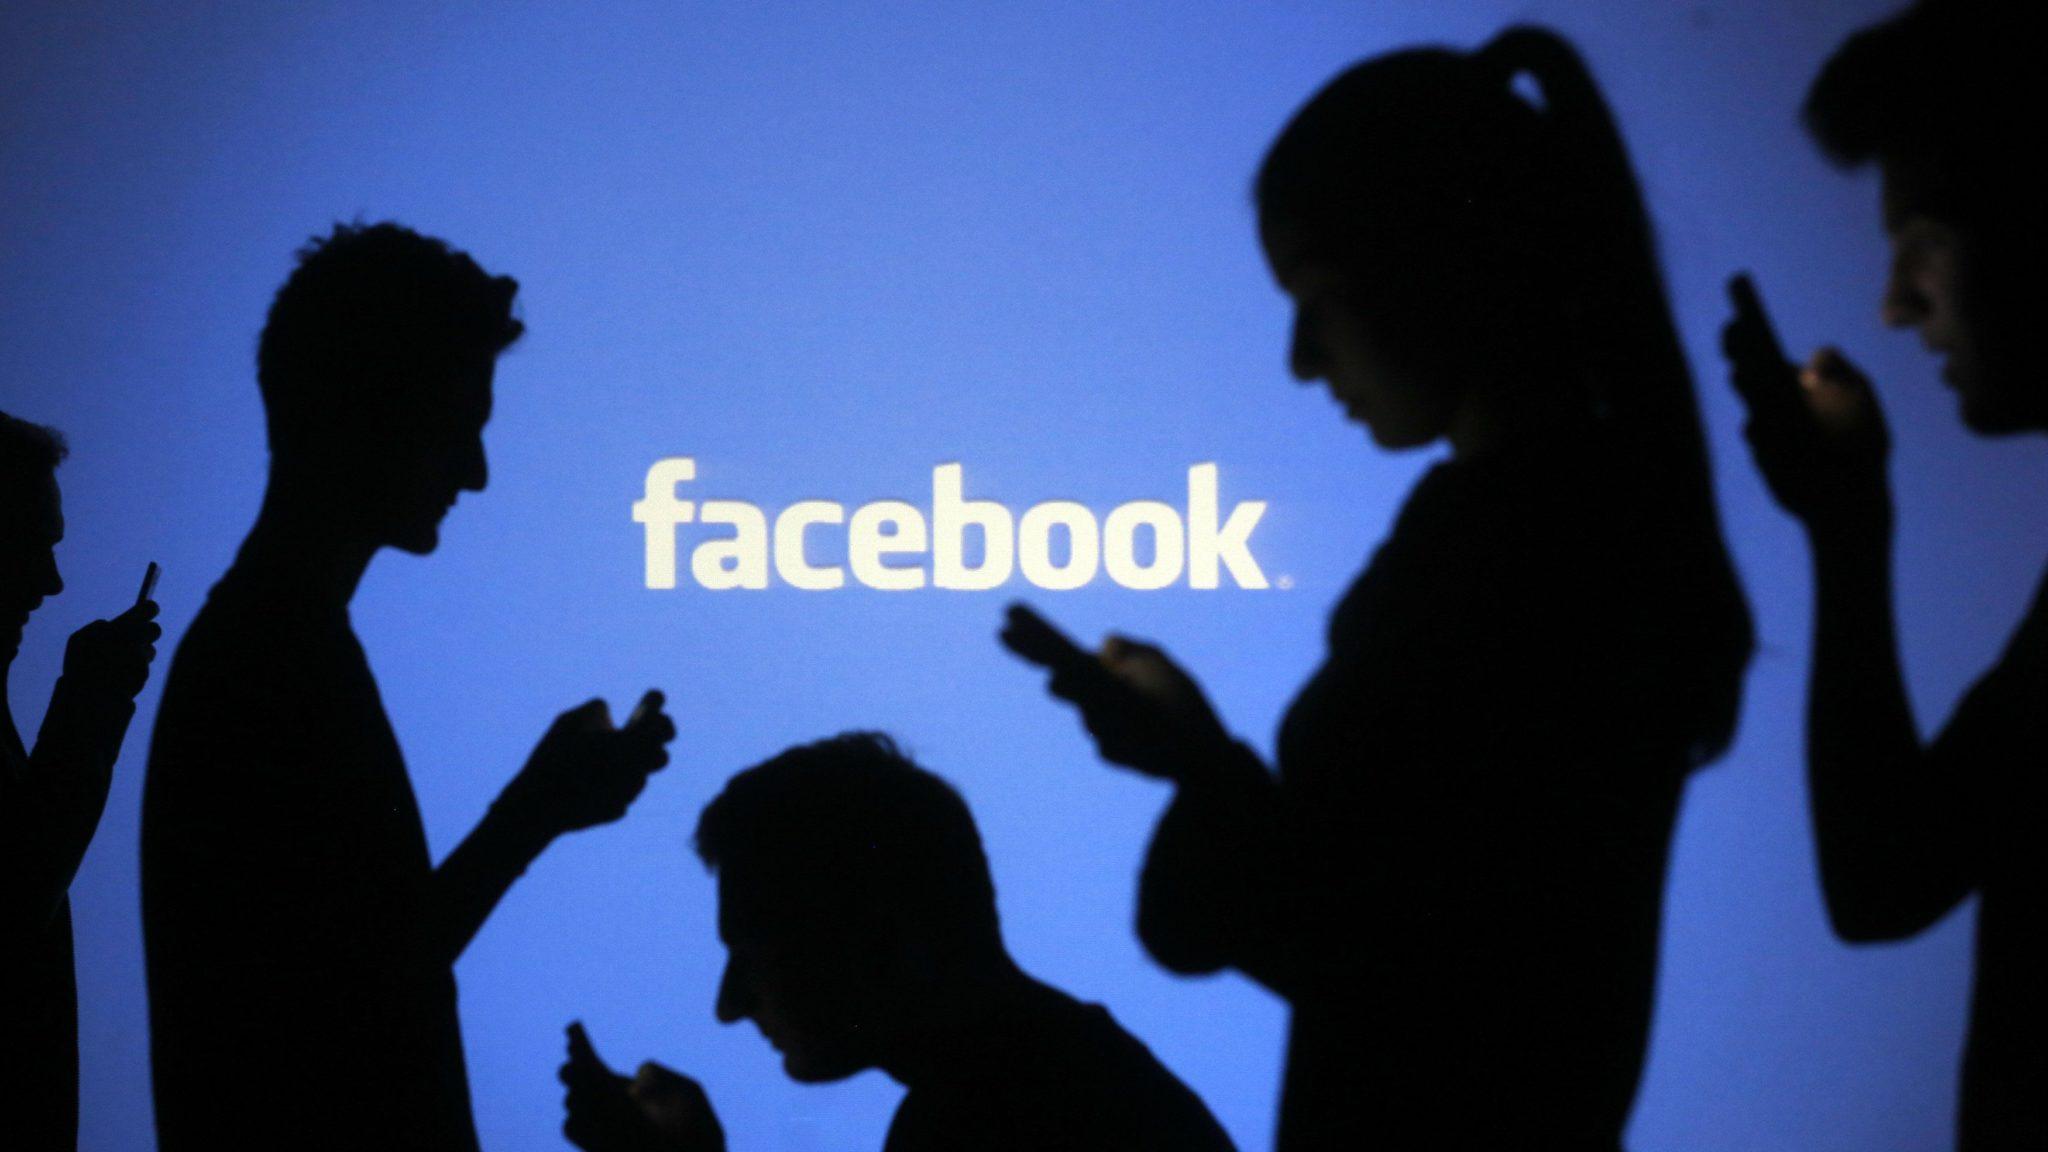 Facebook com limite de 25 amigos? Entenda o que é verdade ou não nesse boato